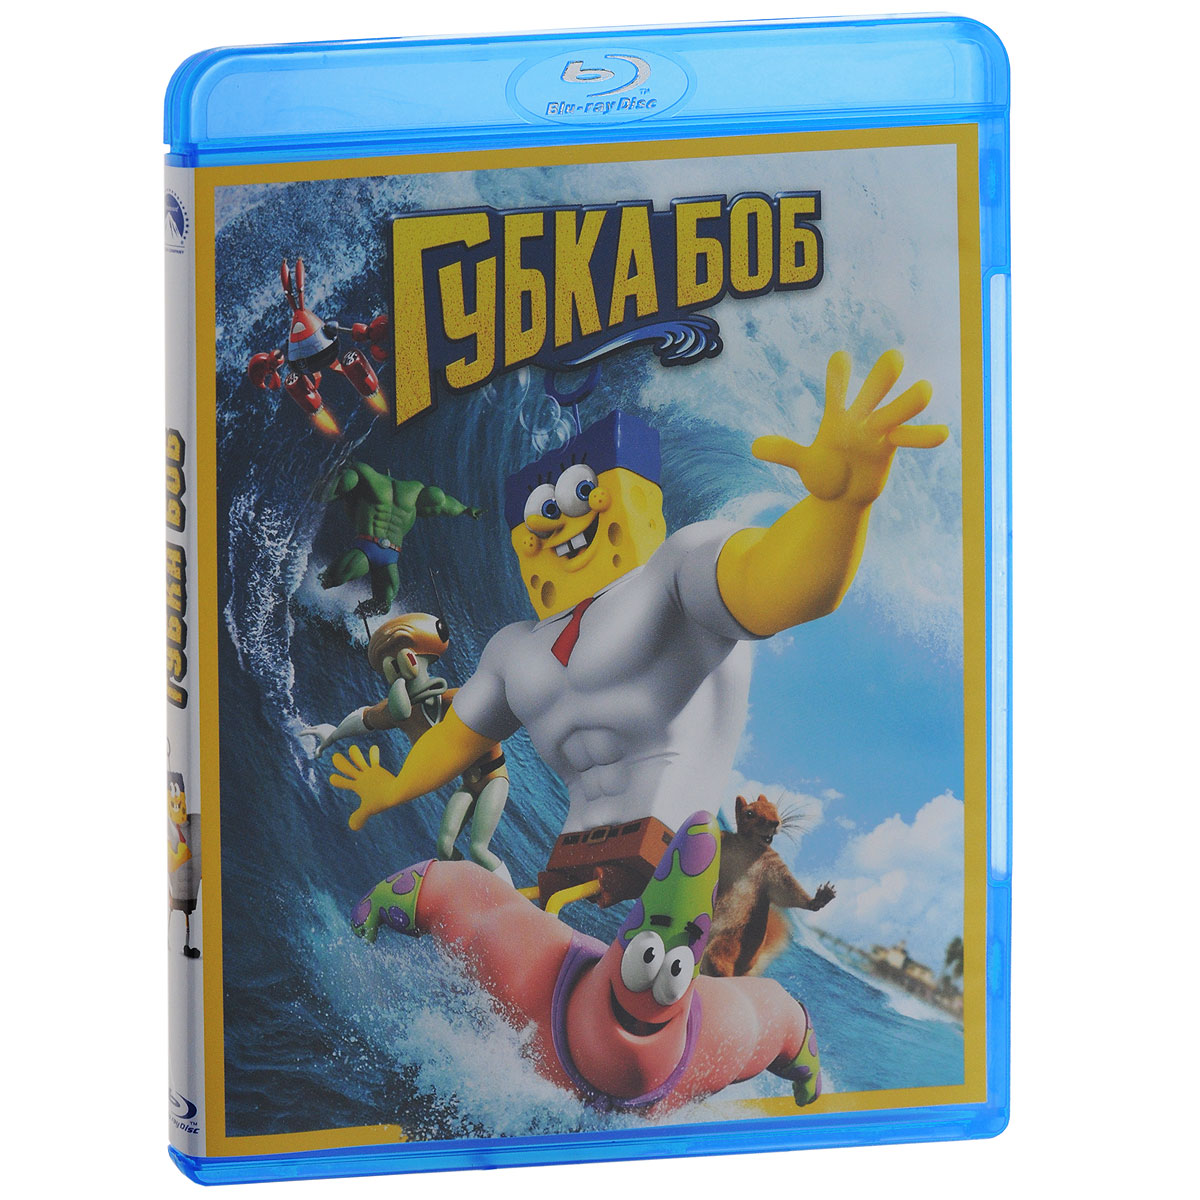 Всемирный любимчик со дна океана Губка Боб Квадратные Штаны должен спасти свой глубоководный мир, но для этого ему и его друзьям придется выбраться на сушу и оказаться в нашем.